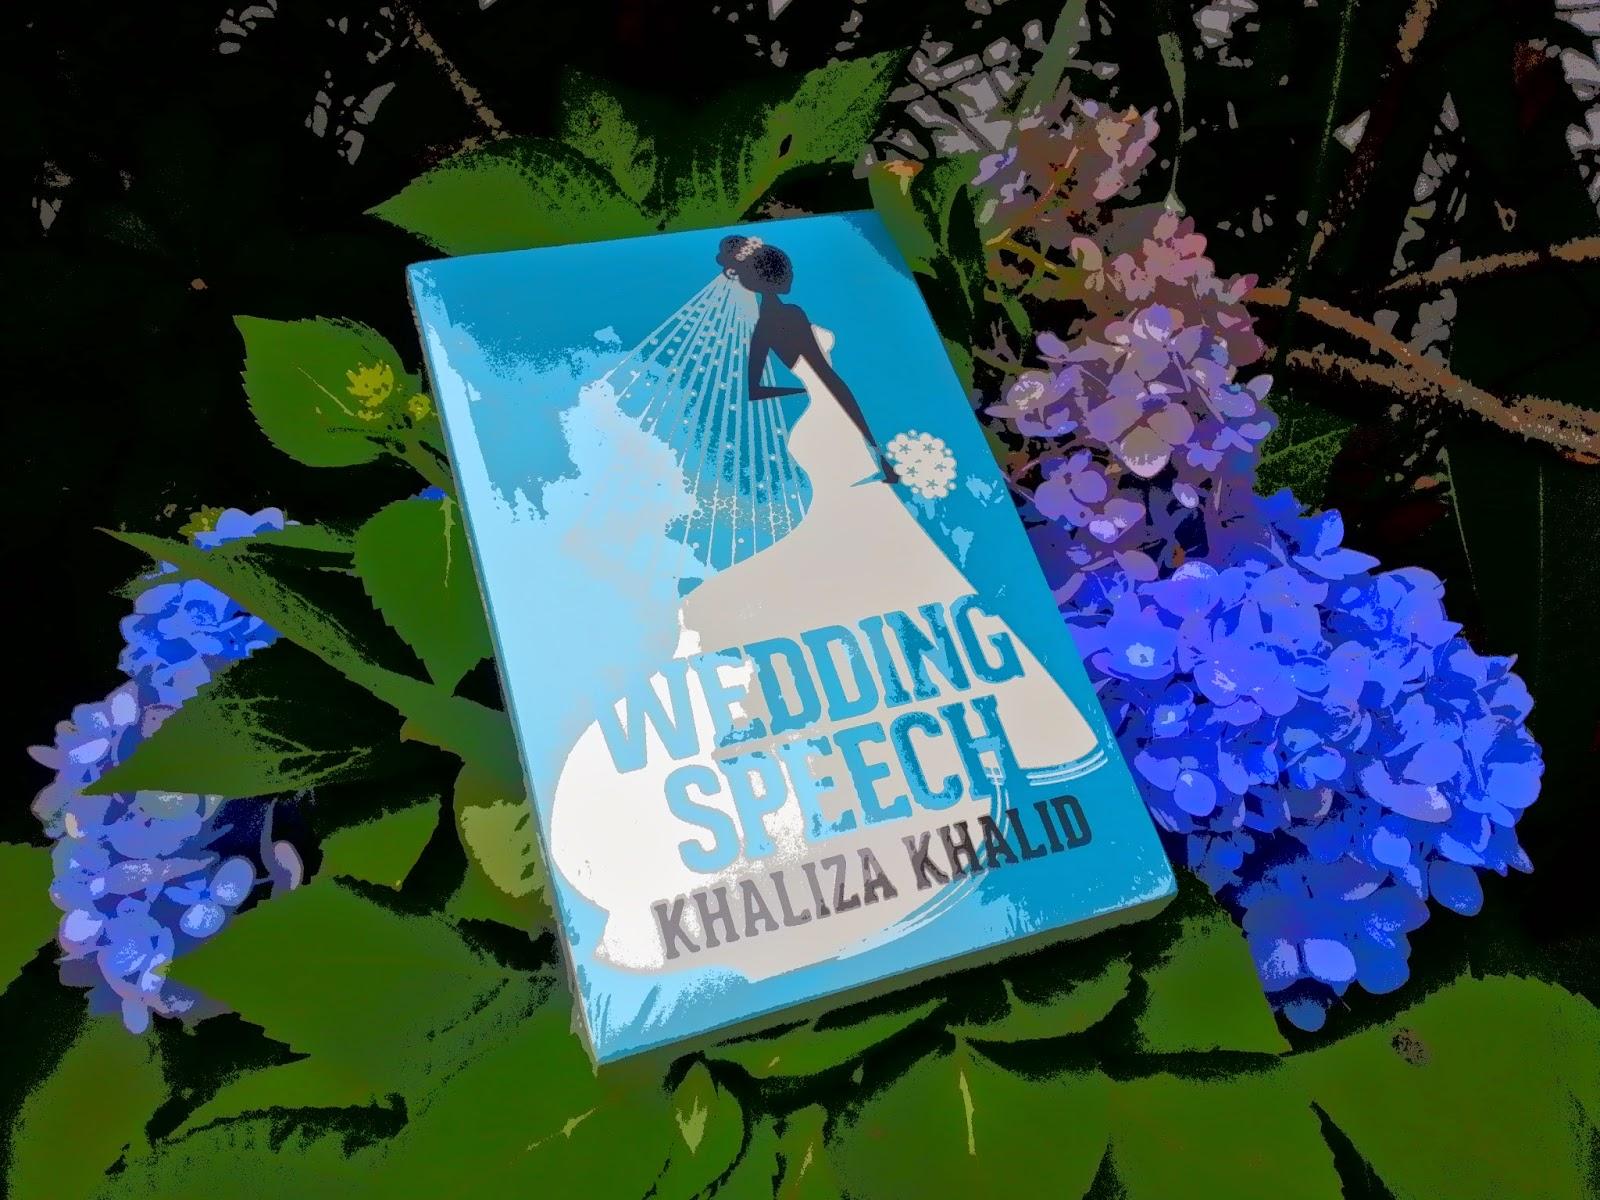 wedding speech khaliza khalid review